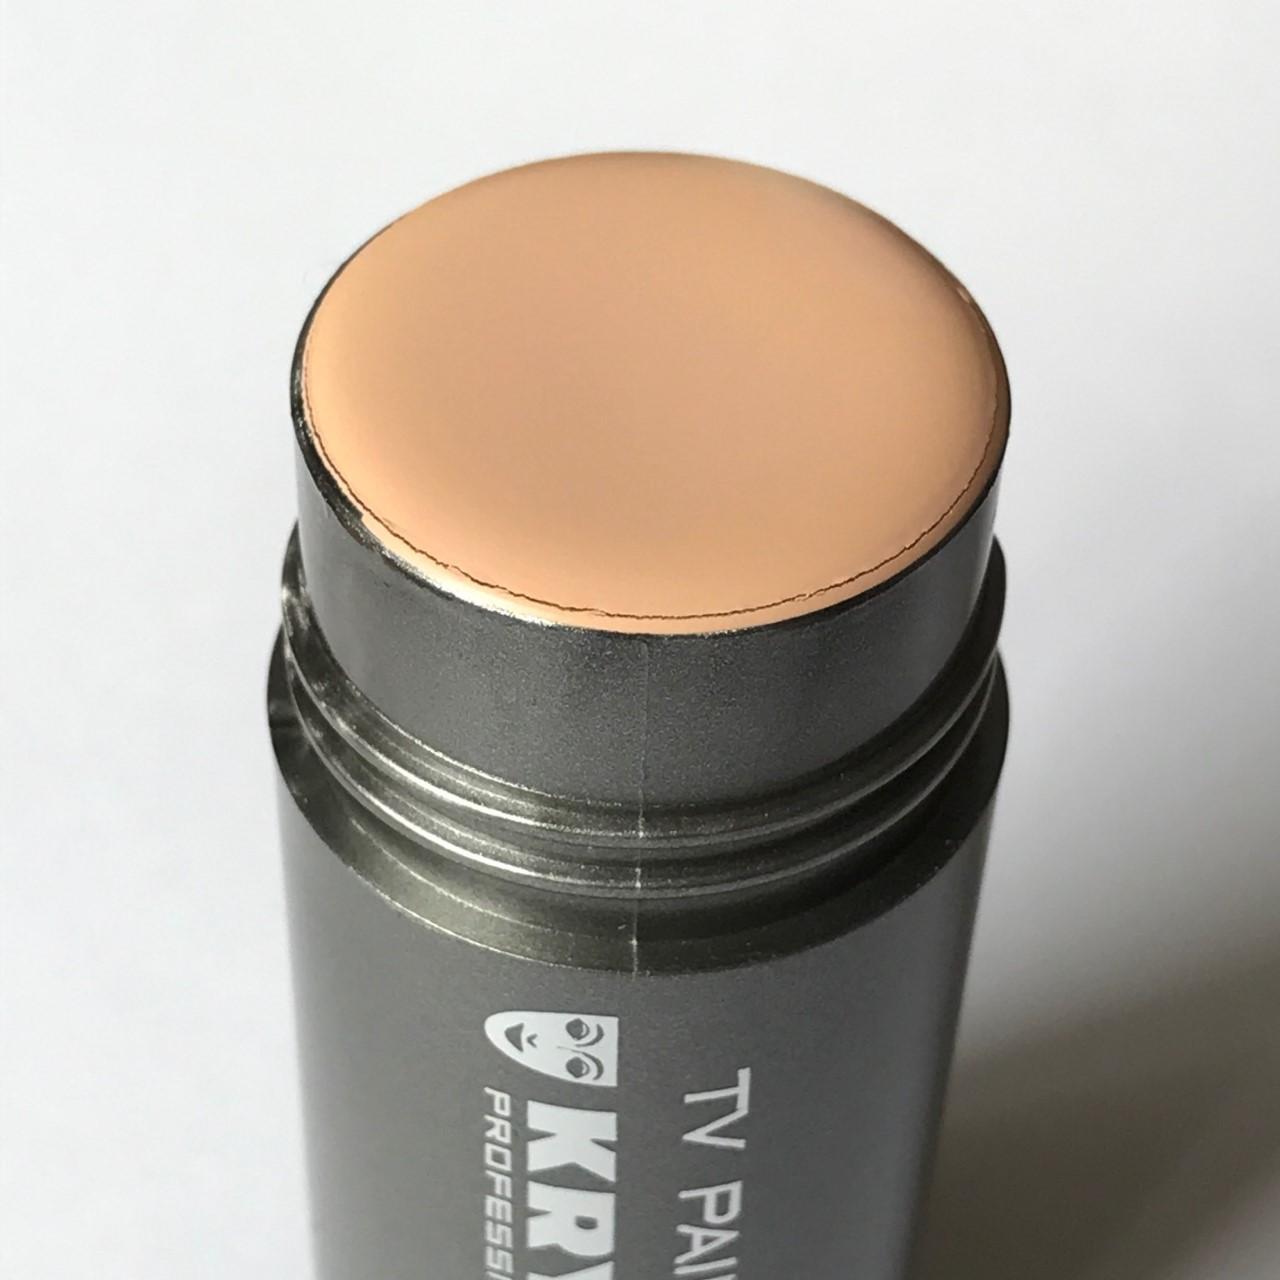 Maquillage kryolan paint stick 5047 w1